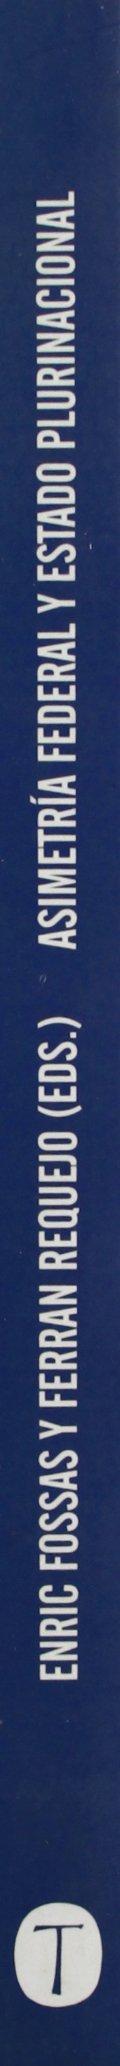 Asimetría federal y Estado plurinacional: El debate sobre la acomodación de la diversidad en Canadá, Bélgica y España Estructuras y Procesos. Ciencias Sociales: Amazon.es: Fossas, Enric, Requejo, Ferrán: Libros